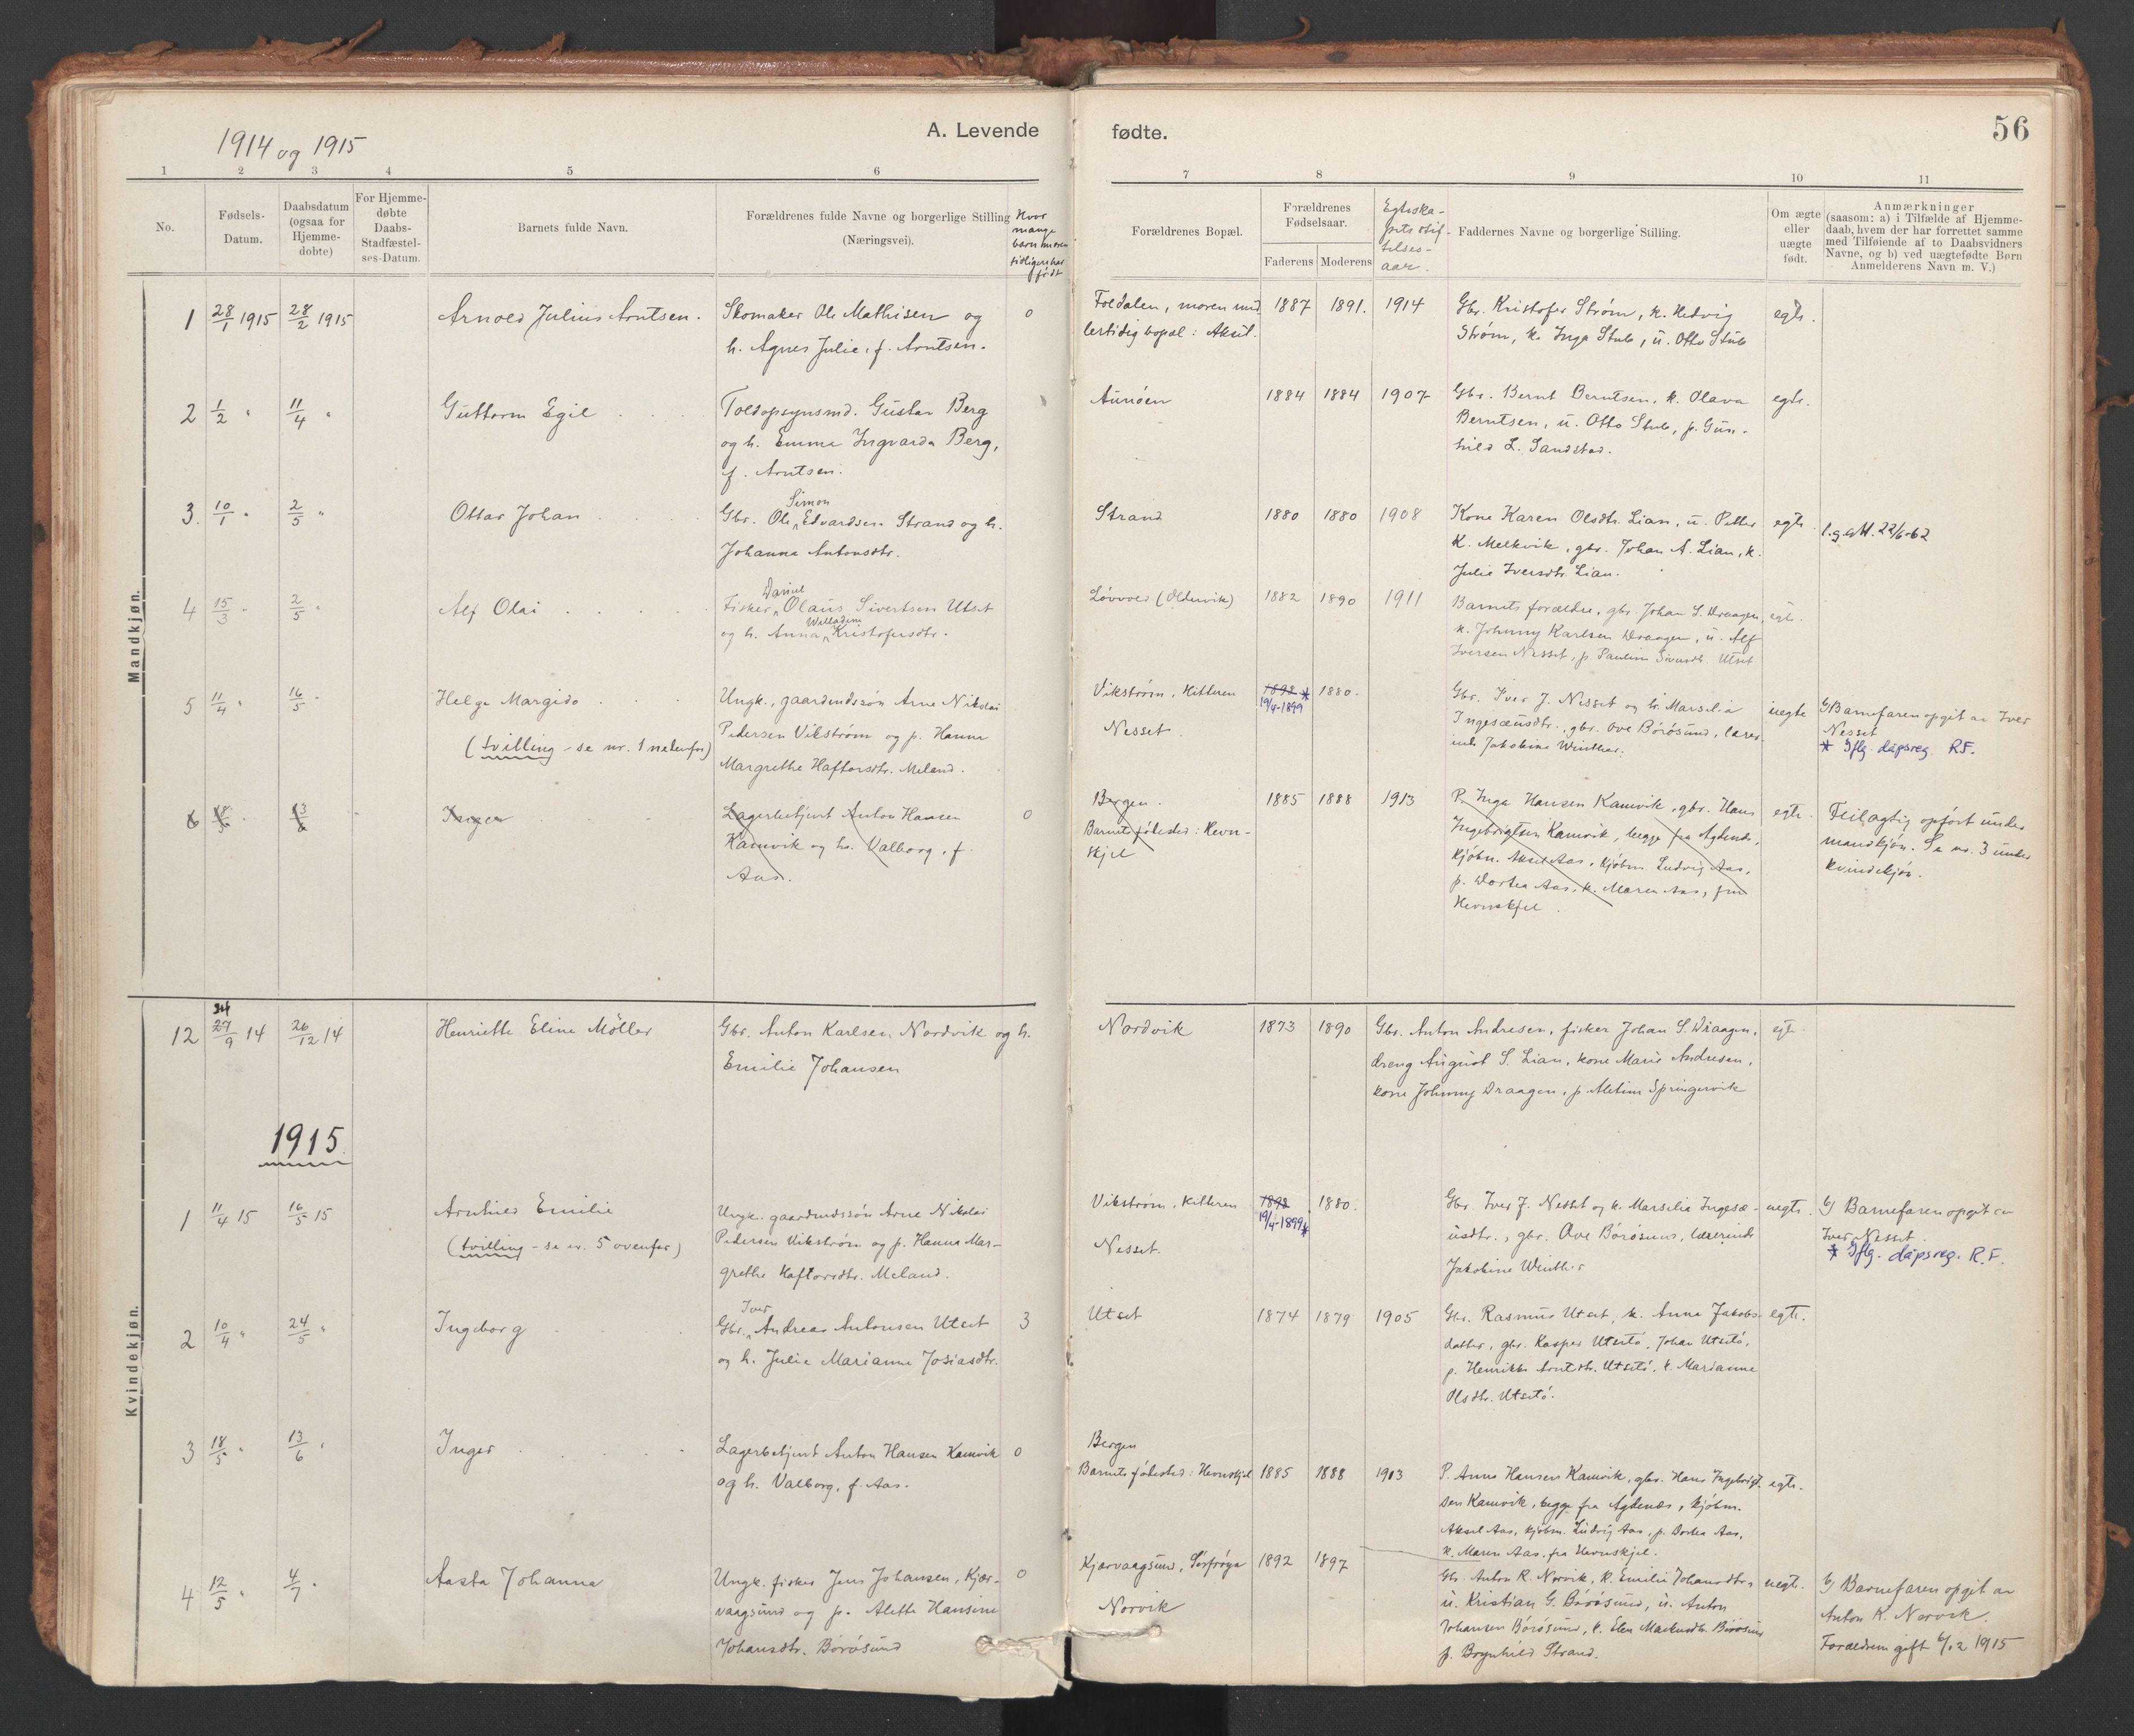 SAT, Ministerialprotokoller, klokkerbøker og fødselsregistre - Sør-Trøndelag, 639/L0572: Ministerialbok nr. 639A01, 1890-1920, s. 56